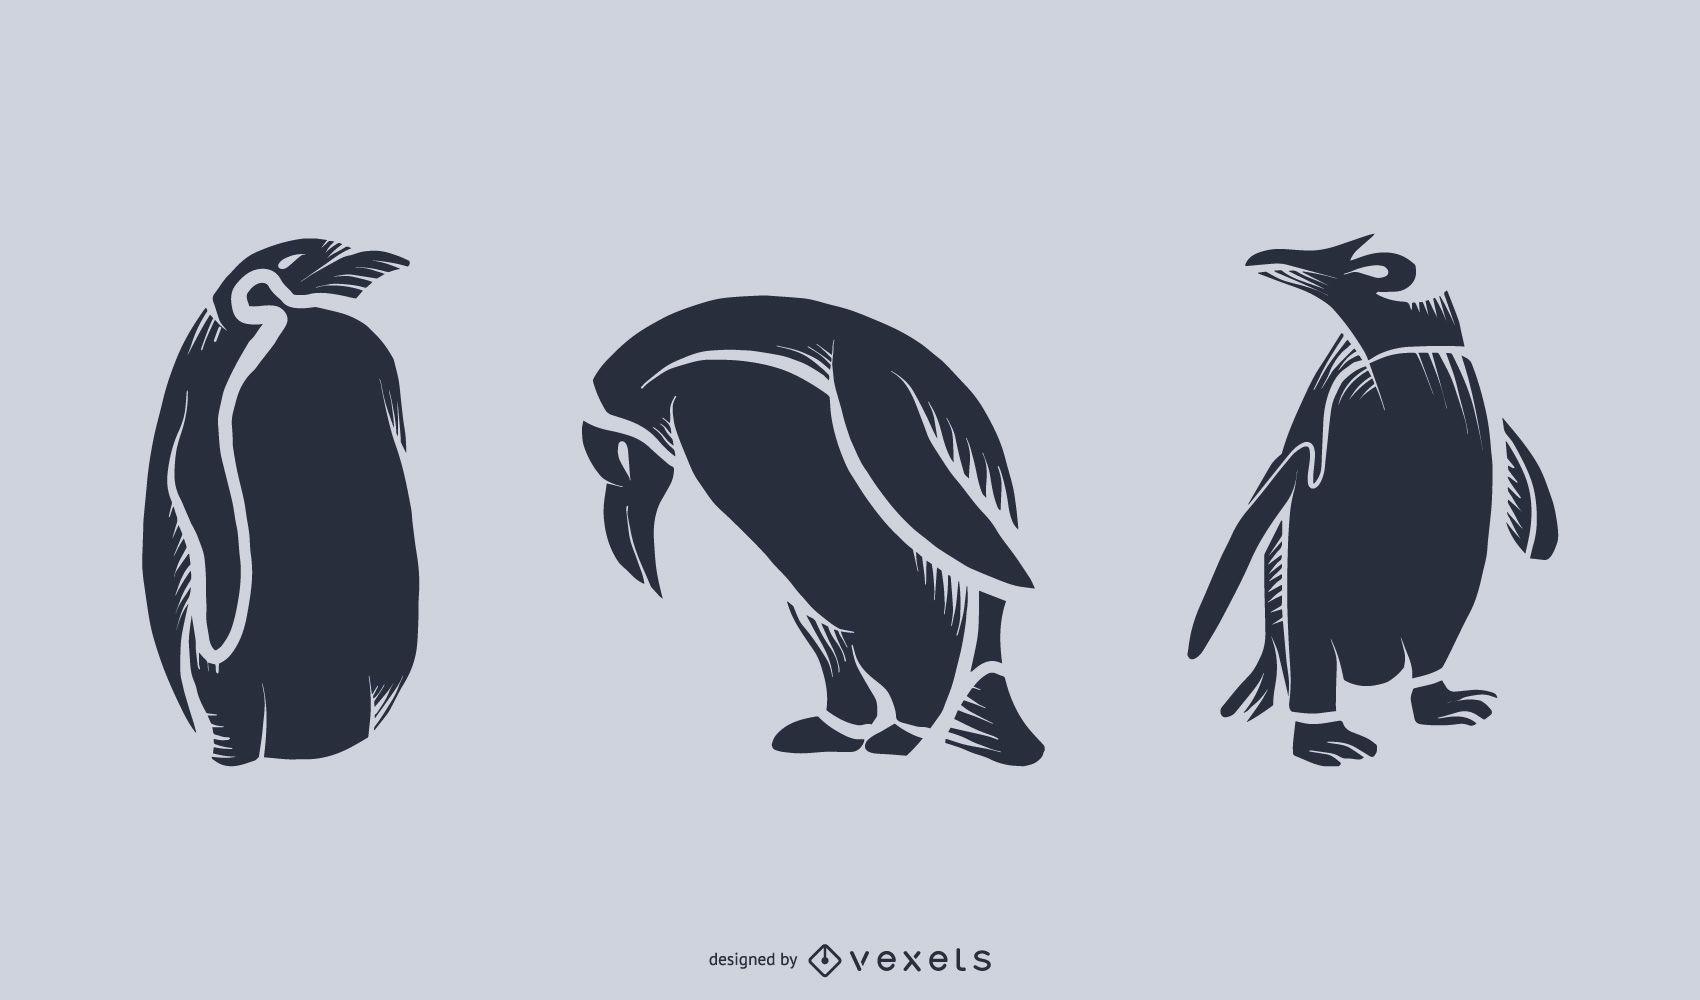 Penguin Silhouette Illustration